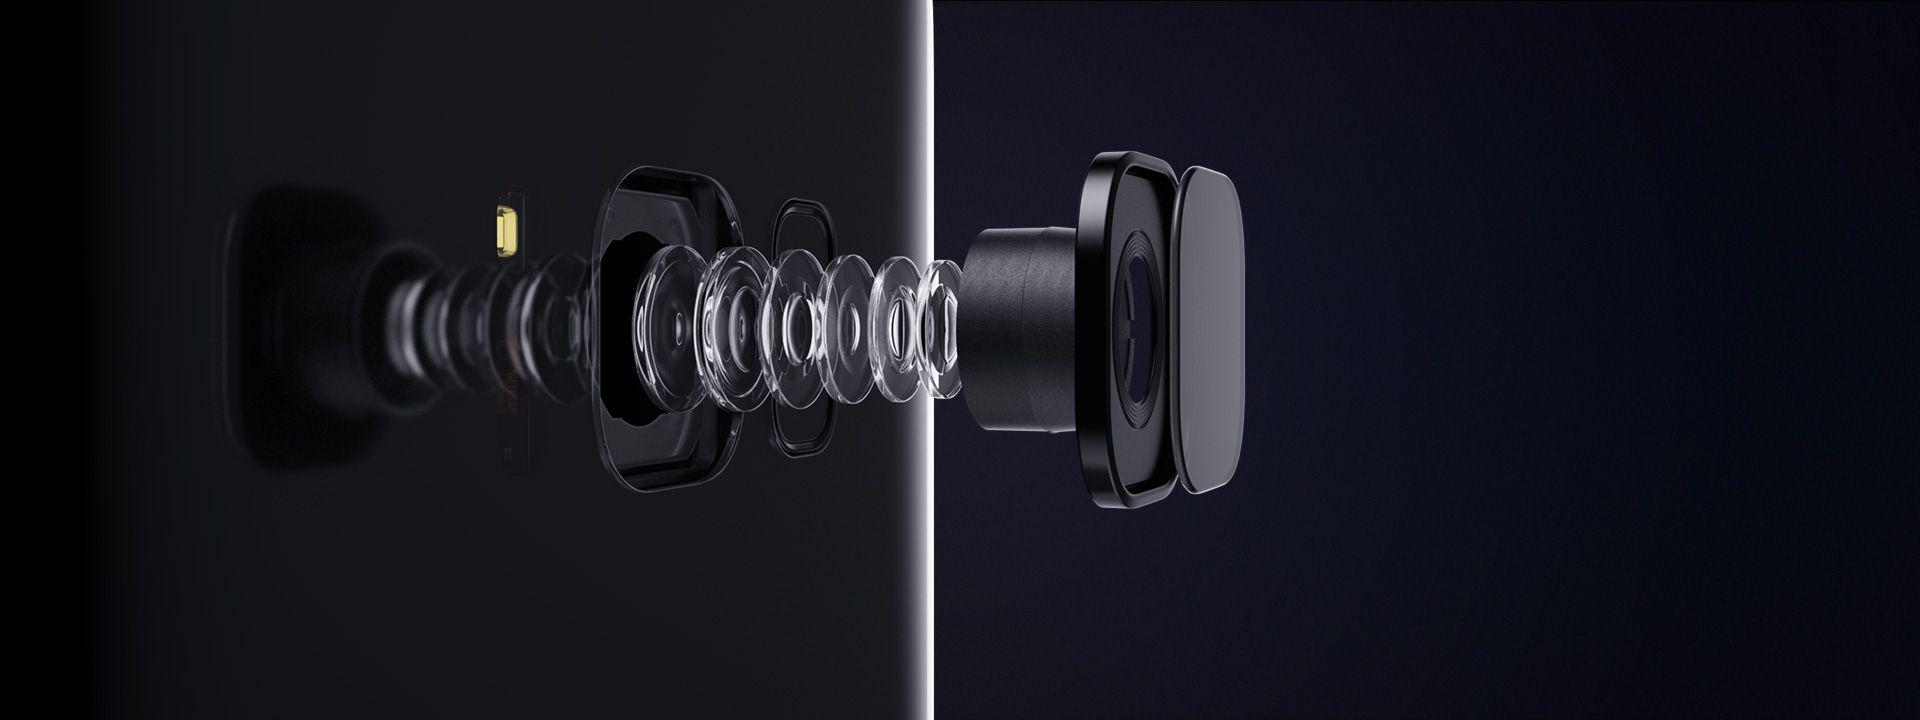 تماشا کنید: 3 ترفند دوربین گلکسی اس 8